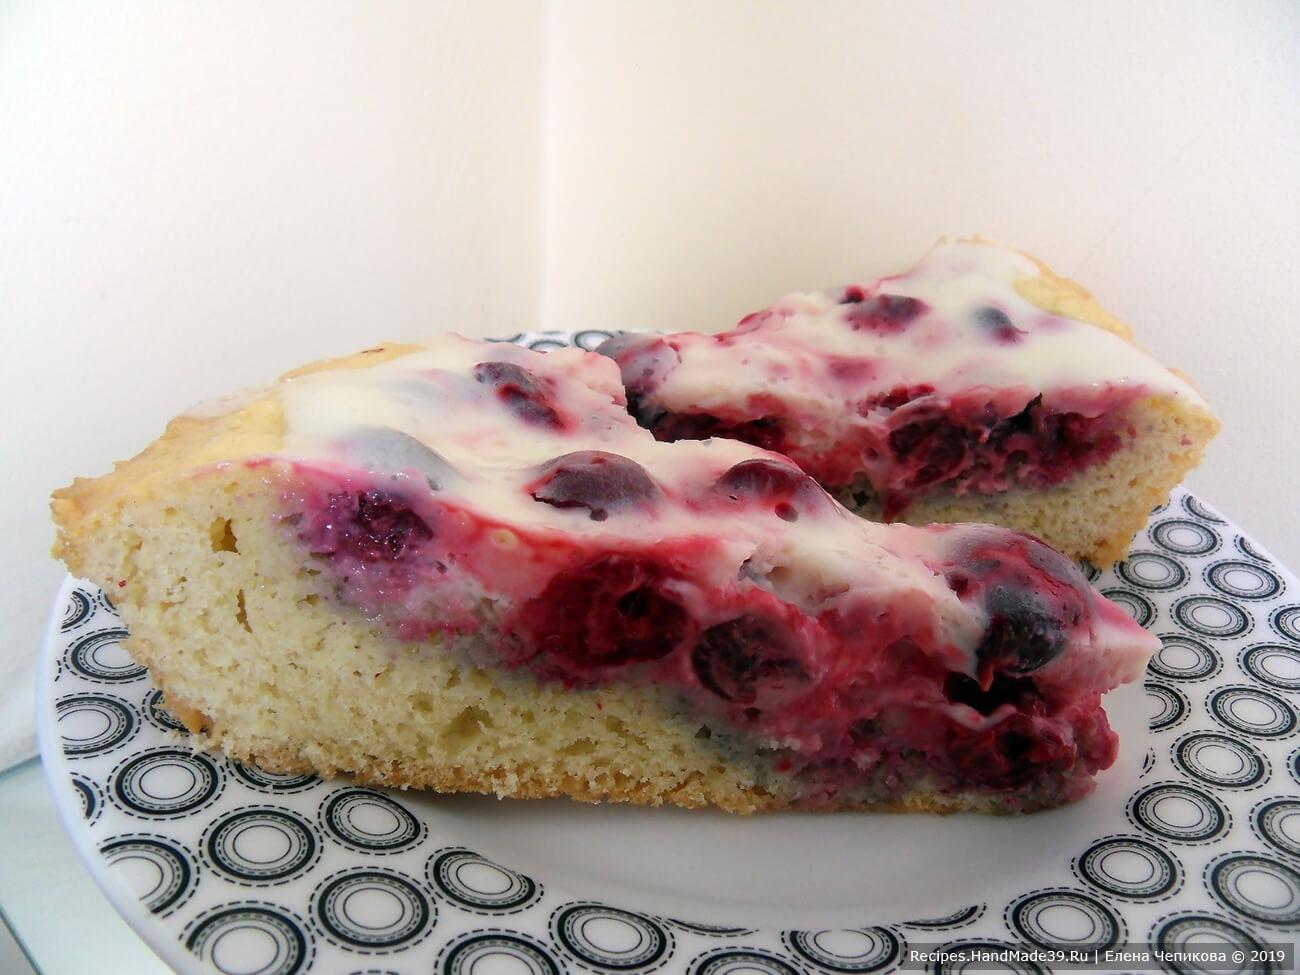 Подождать, пока пирог остынет и поместить в холодильник минимум на 2 часа (лучше на ночь). Приятного аппетита!